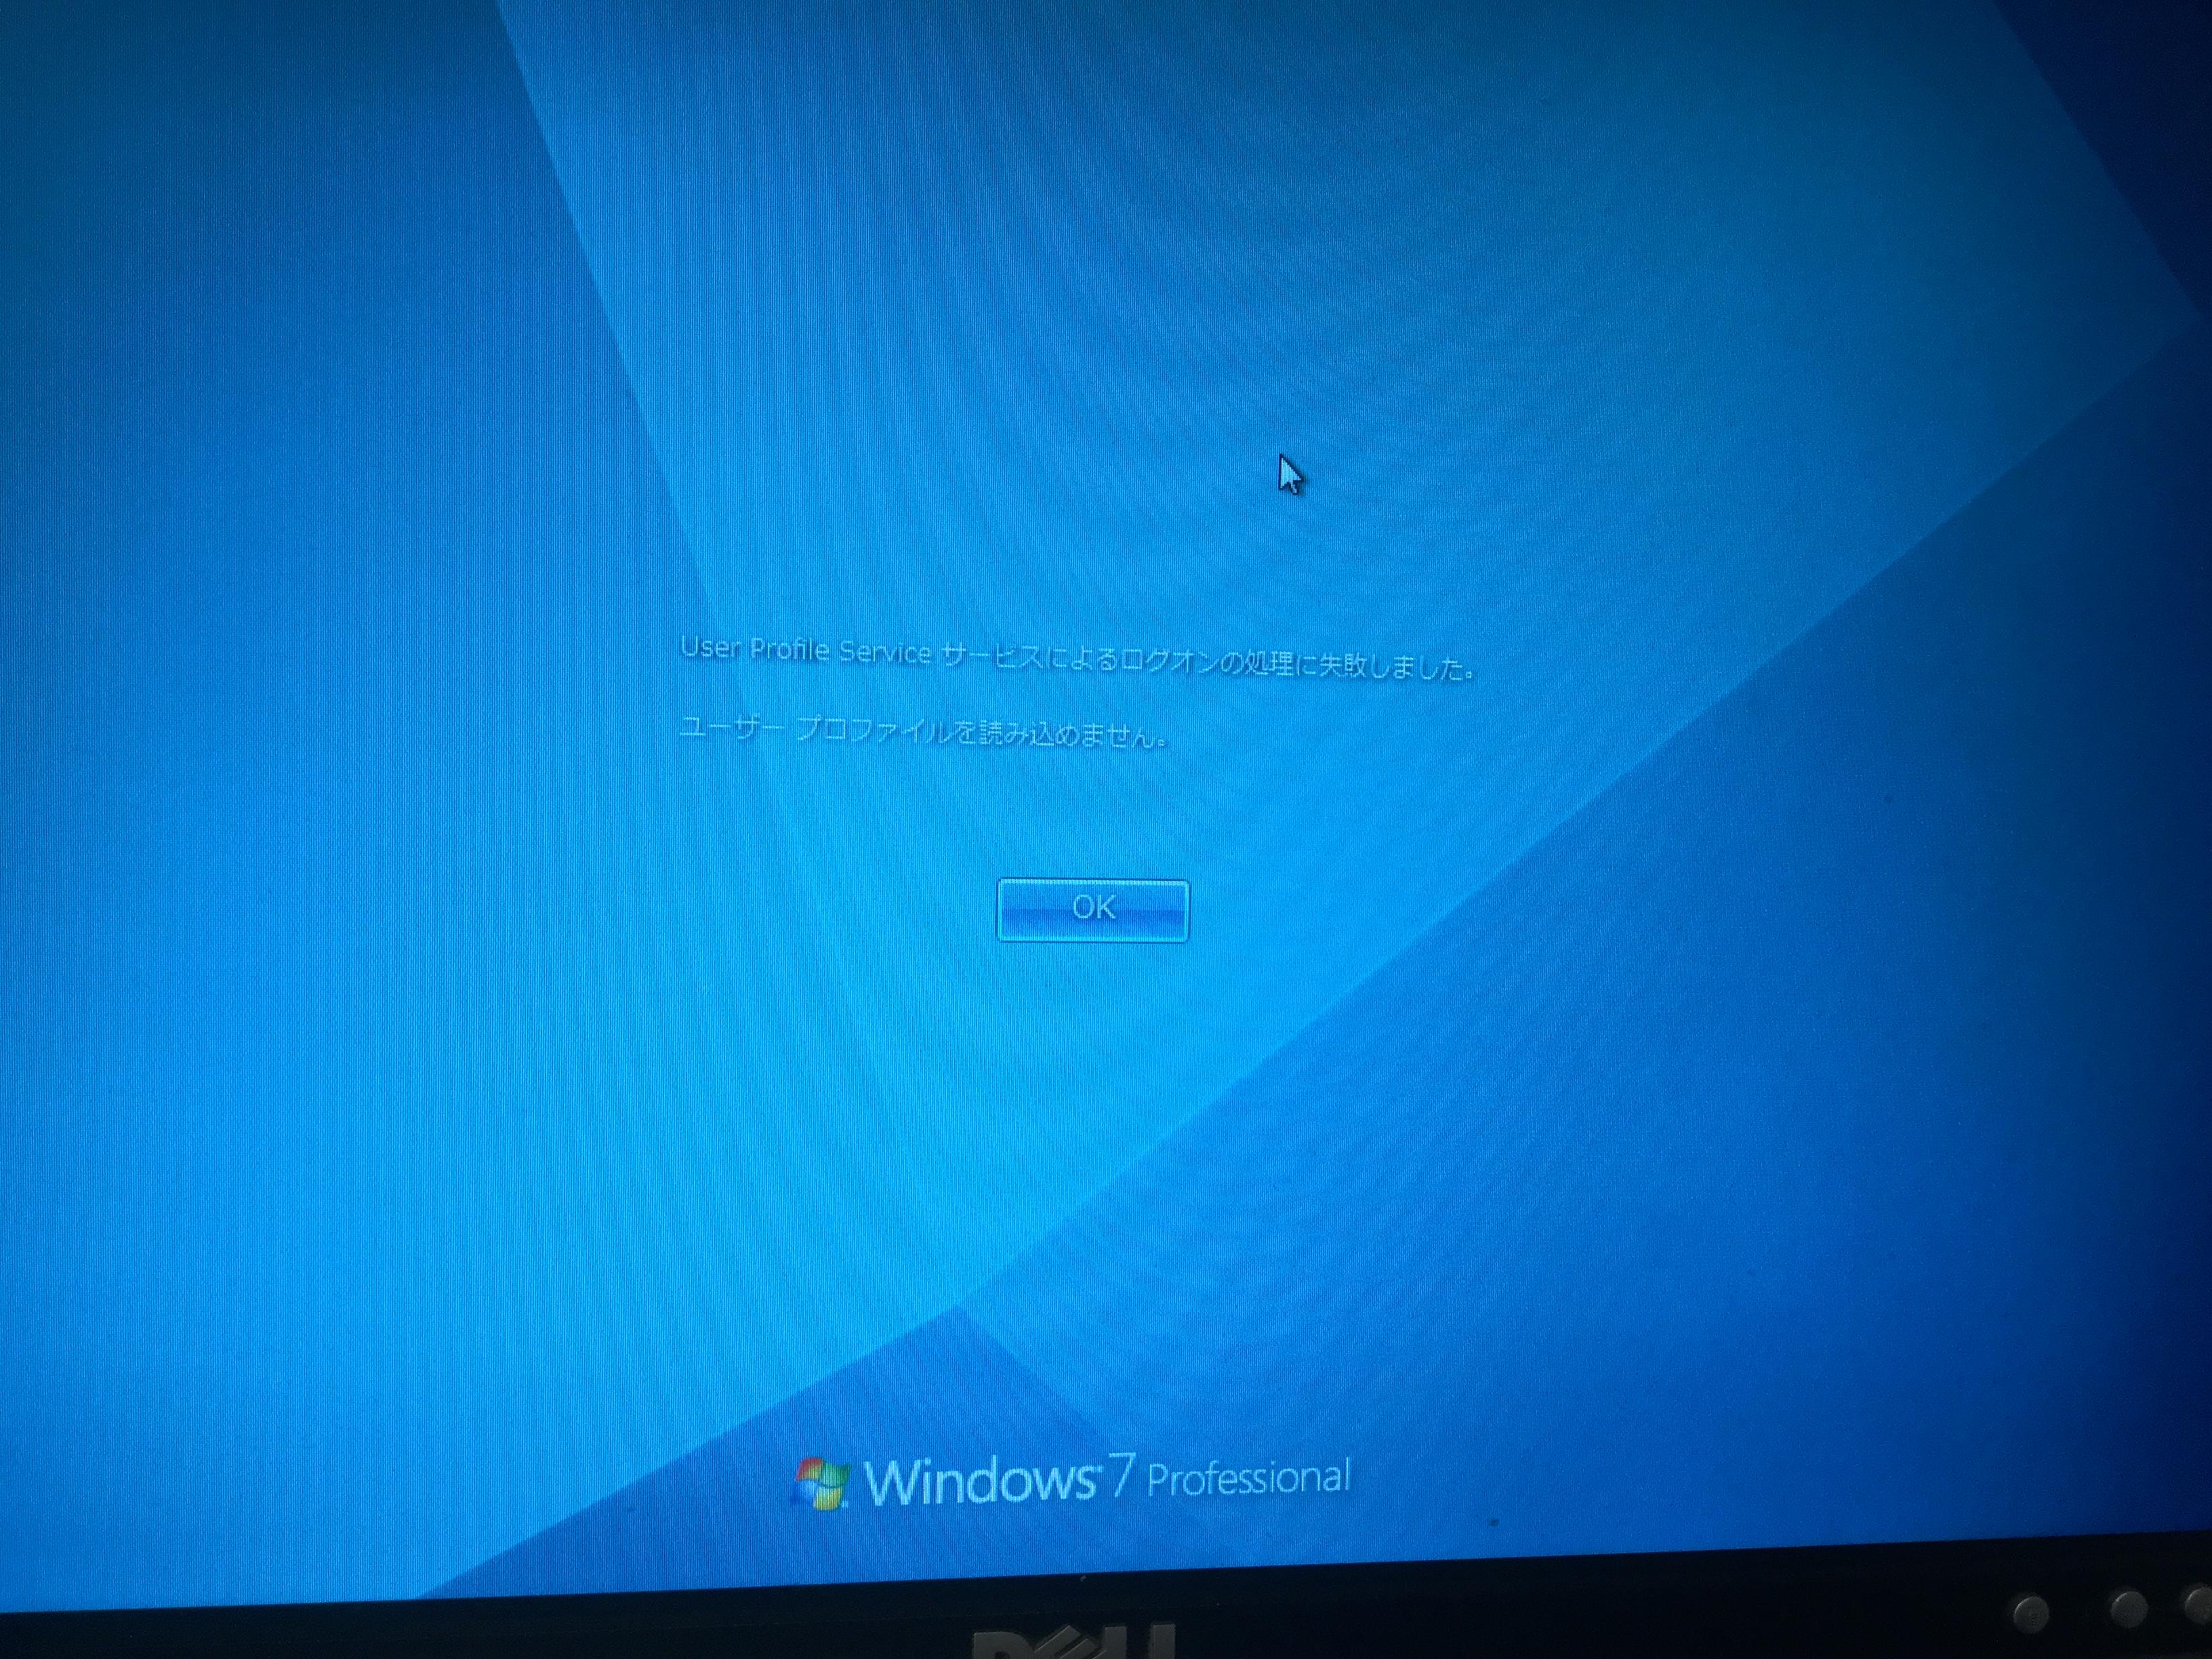 千葉県松戸市 デスクトップパソコンが起動しない/HP(ヒューレット・パッカード) Windows 7のイメージ